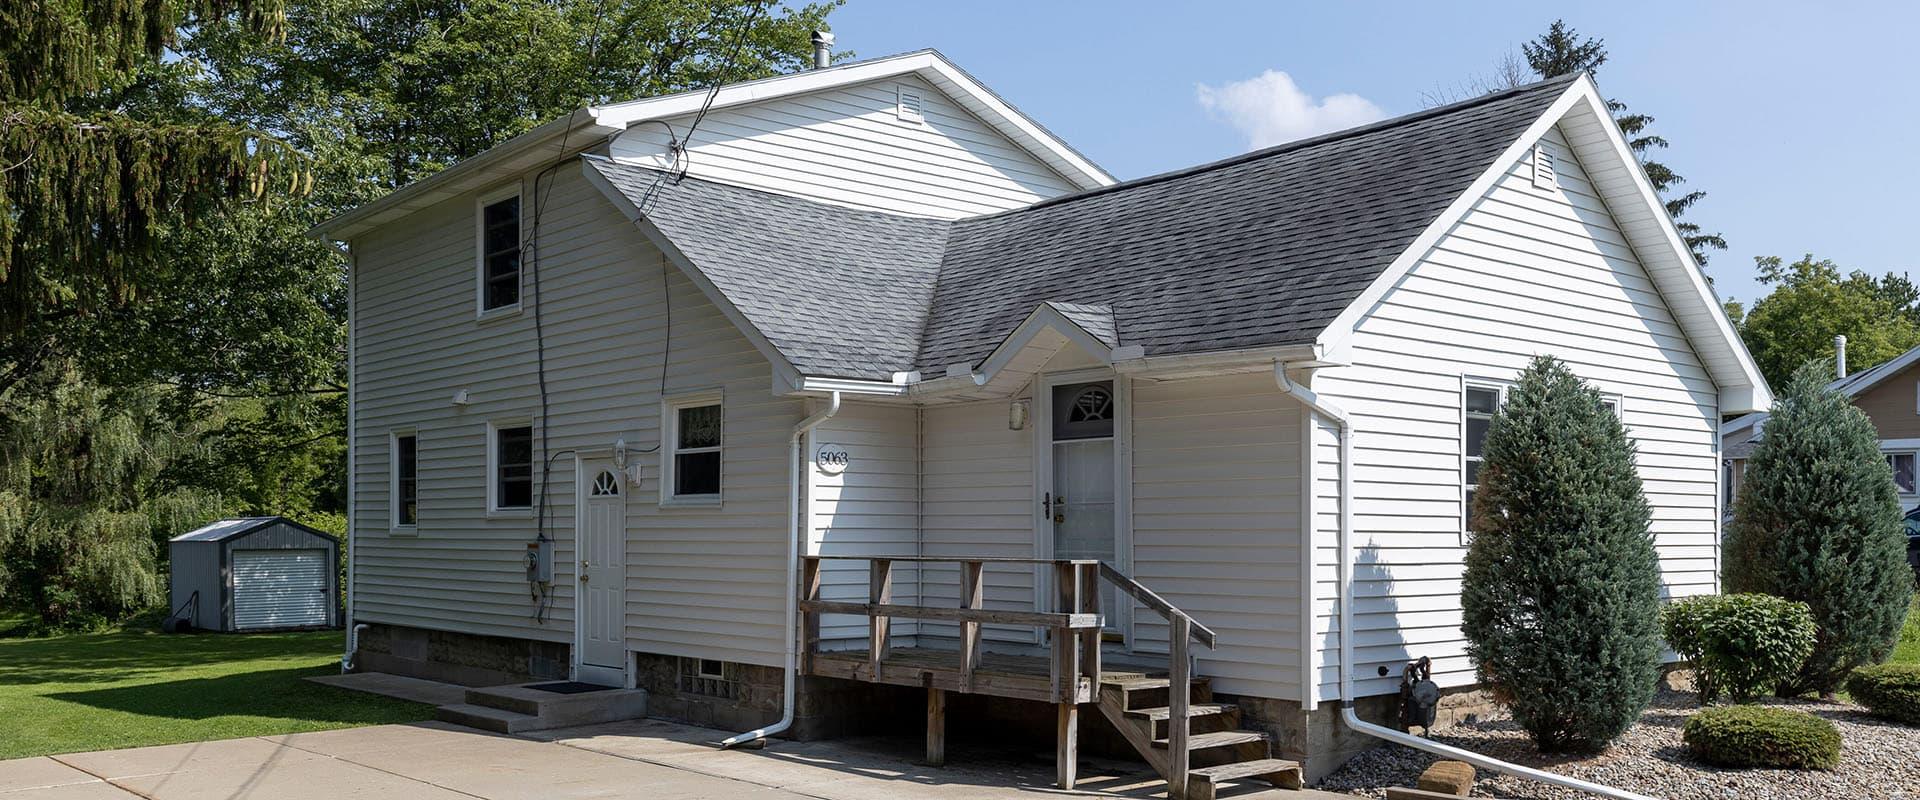 5063 Chestnut Ridge Road, Orchard Park, NY 14127